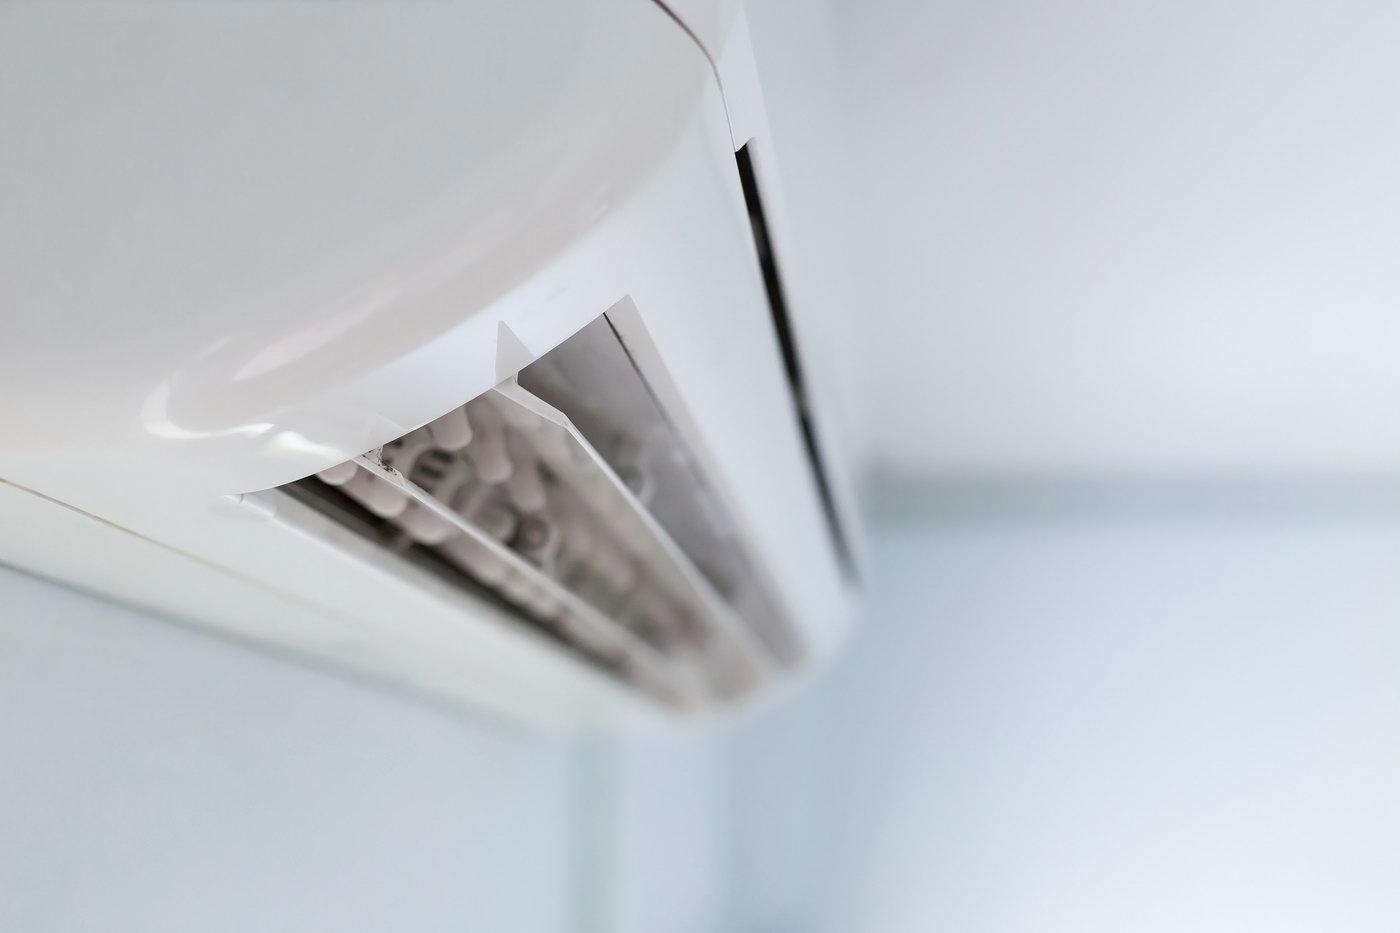 Come Montare Un Condizionatore condizionatori e impianti di climatizzazione | tecno gas